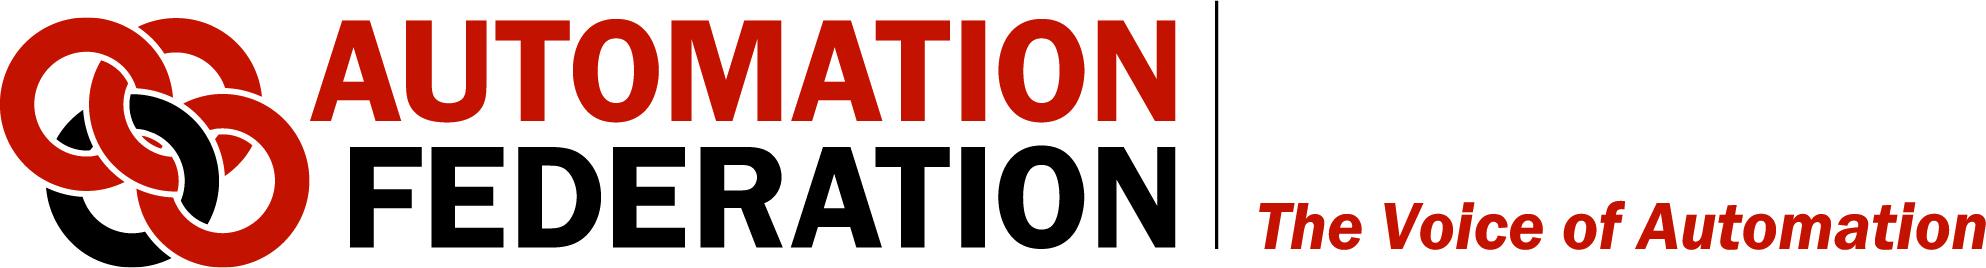 AF logo and tag line.jpg